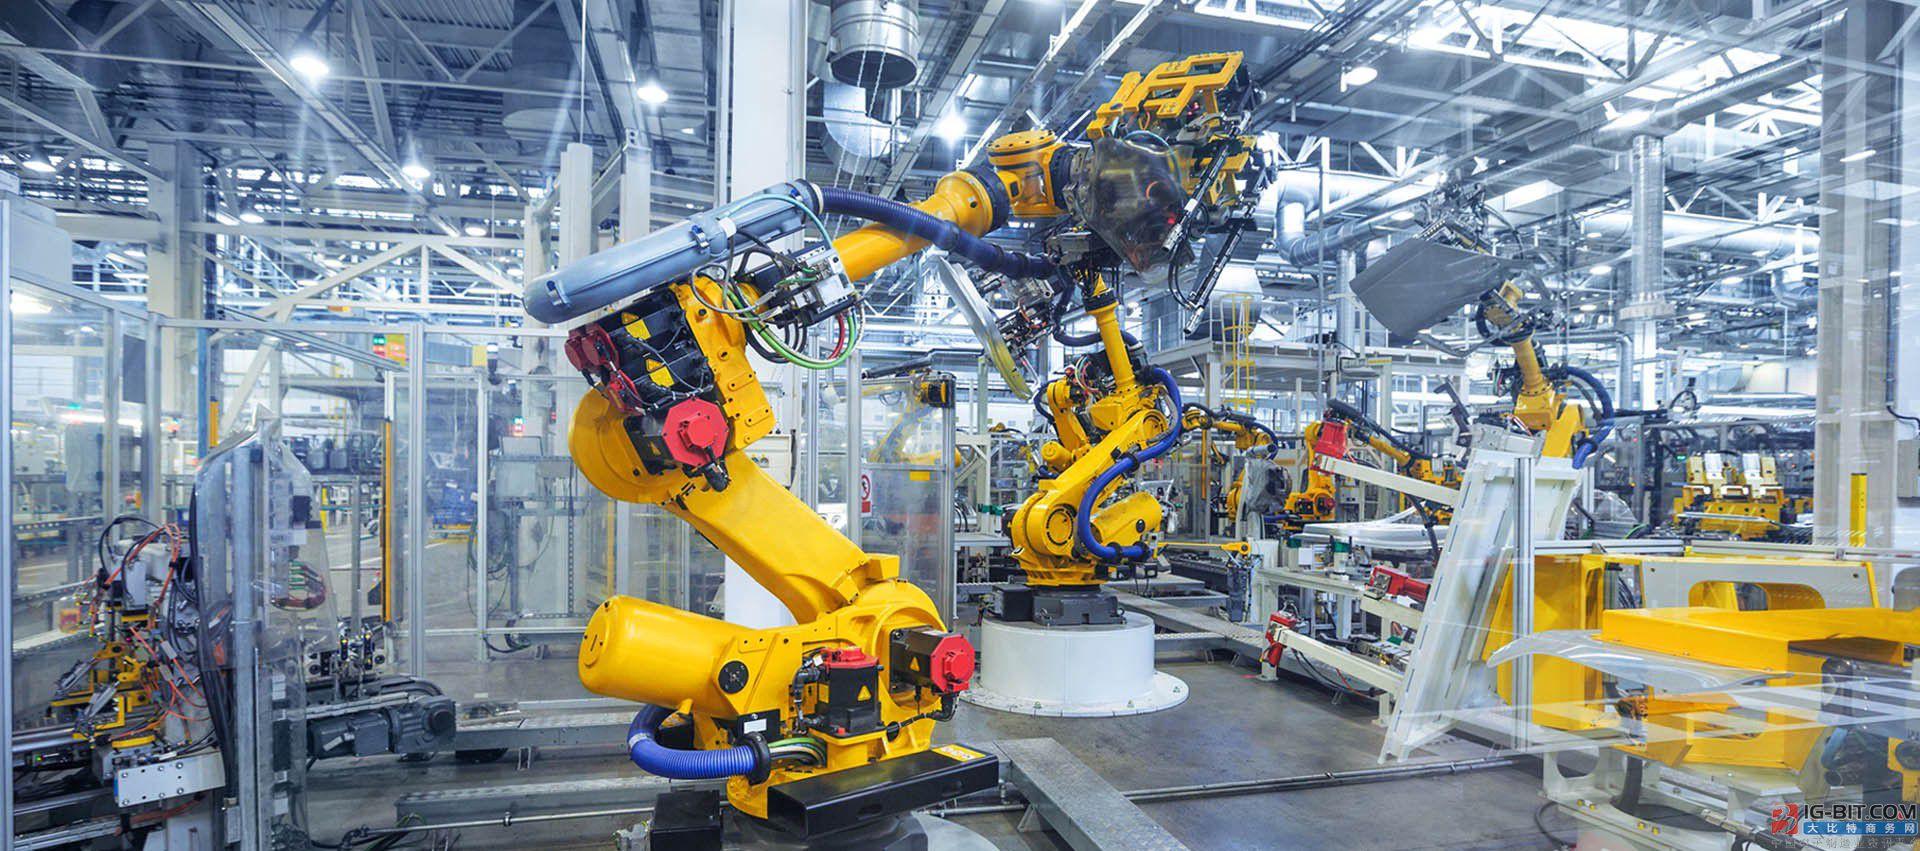 疫情催生新一轮洗牌,机器人产业要如何应对?